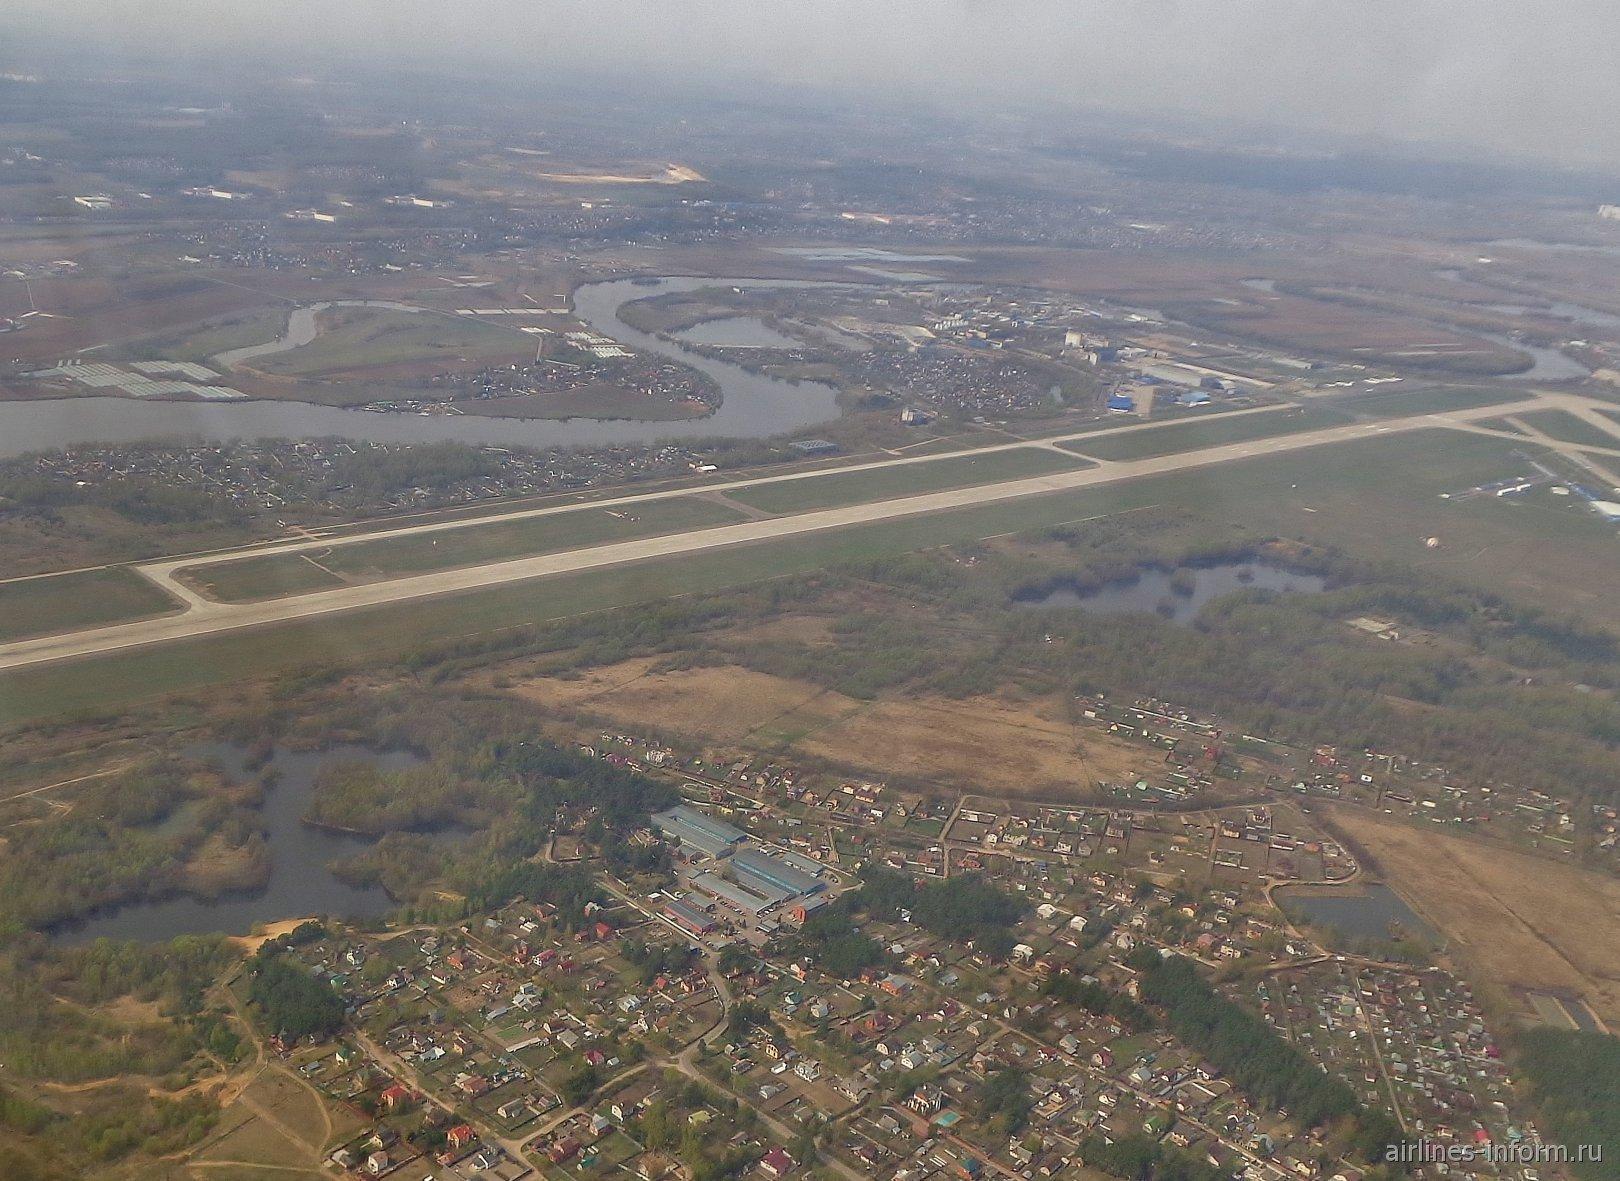 Взлетно-посадочная полоса аэропорта Жуковский